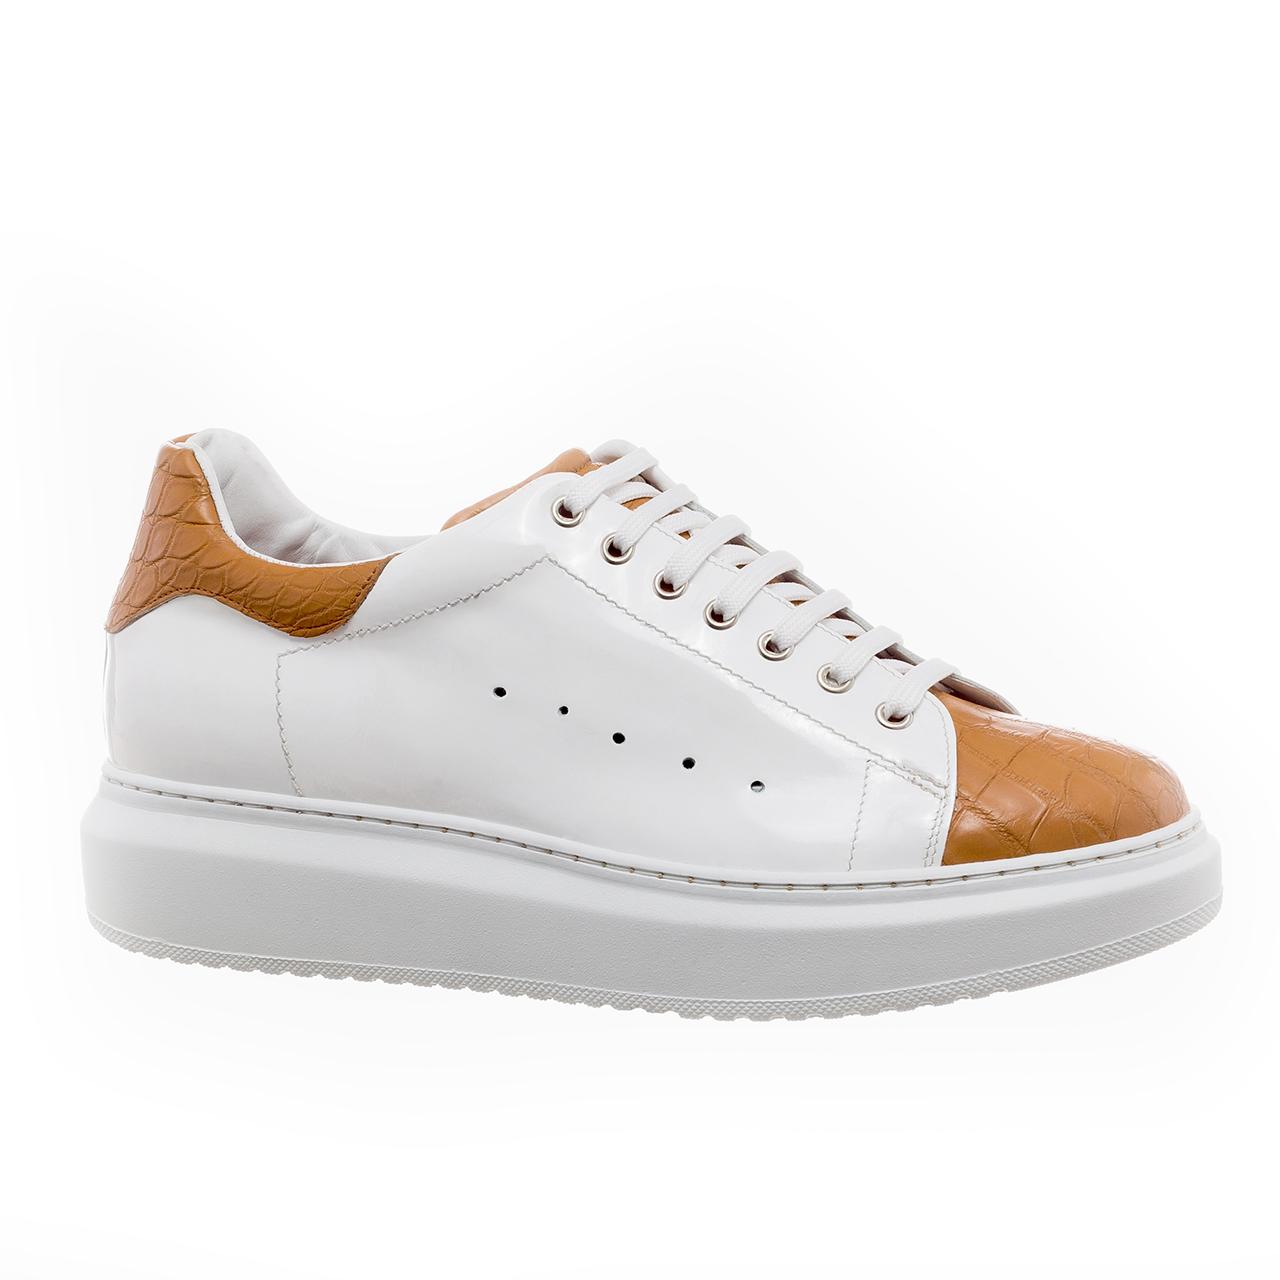 404b03e849 Acquista 2 OFF QUALSIASI scarpe con suola alta uomo CASE E OTTIENI ...